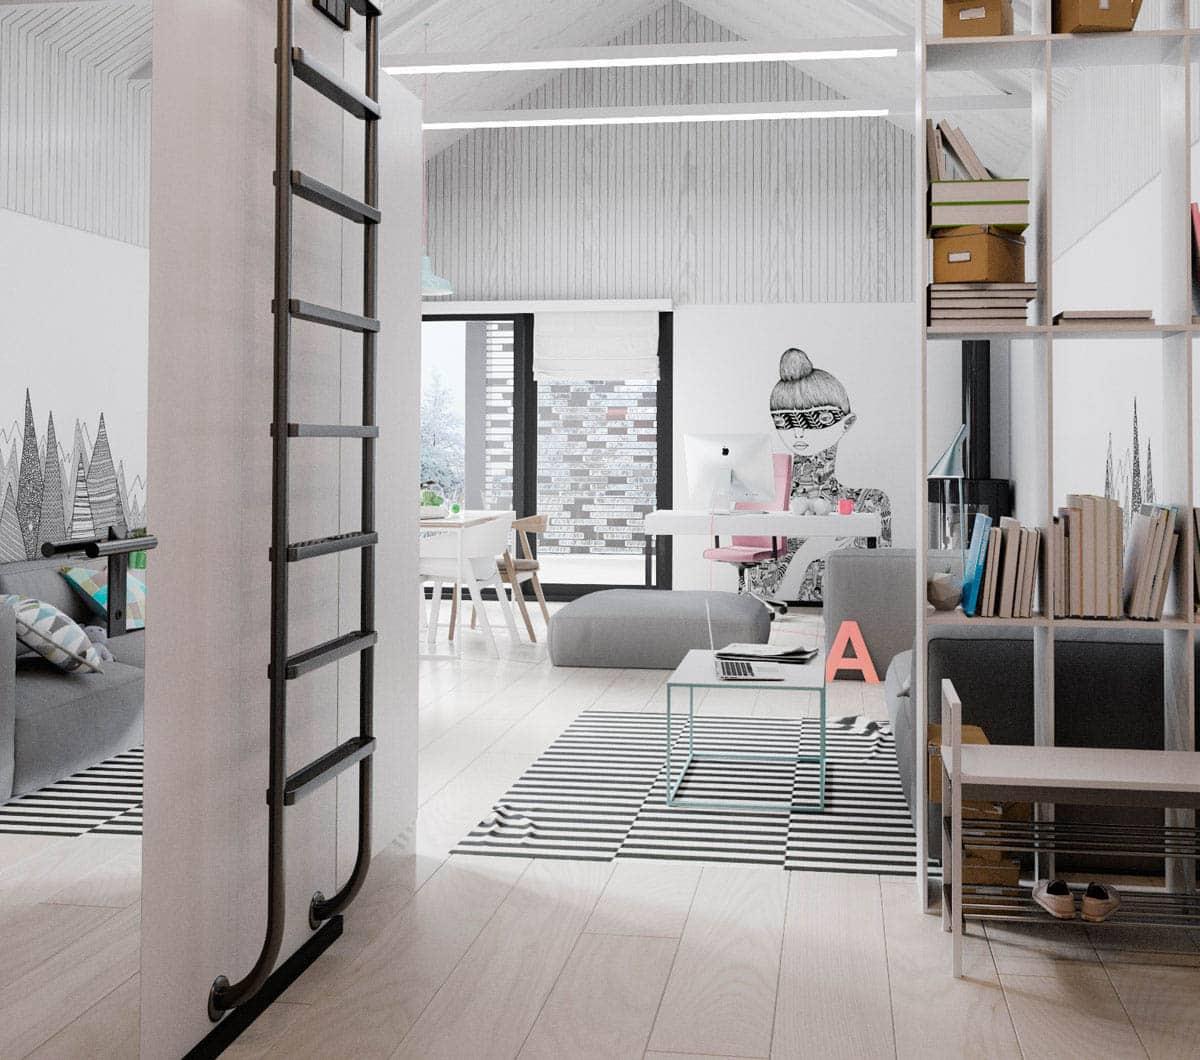 Красивый дизайн мансардной гостиной в которой преимущественно используется светлый цвет отделки